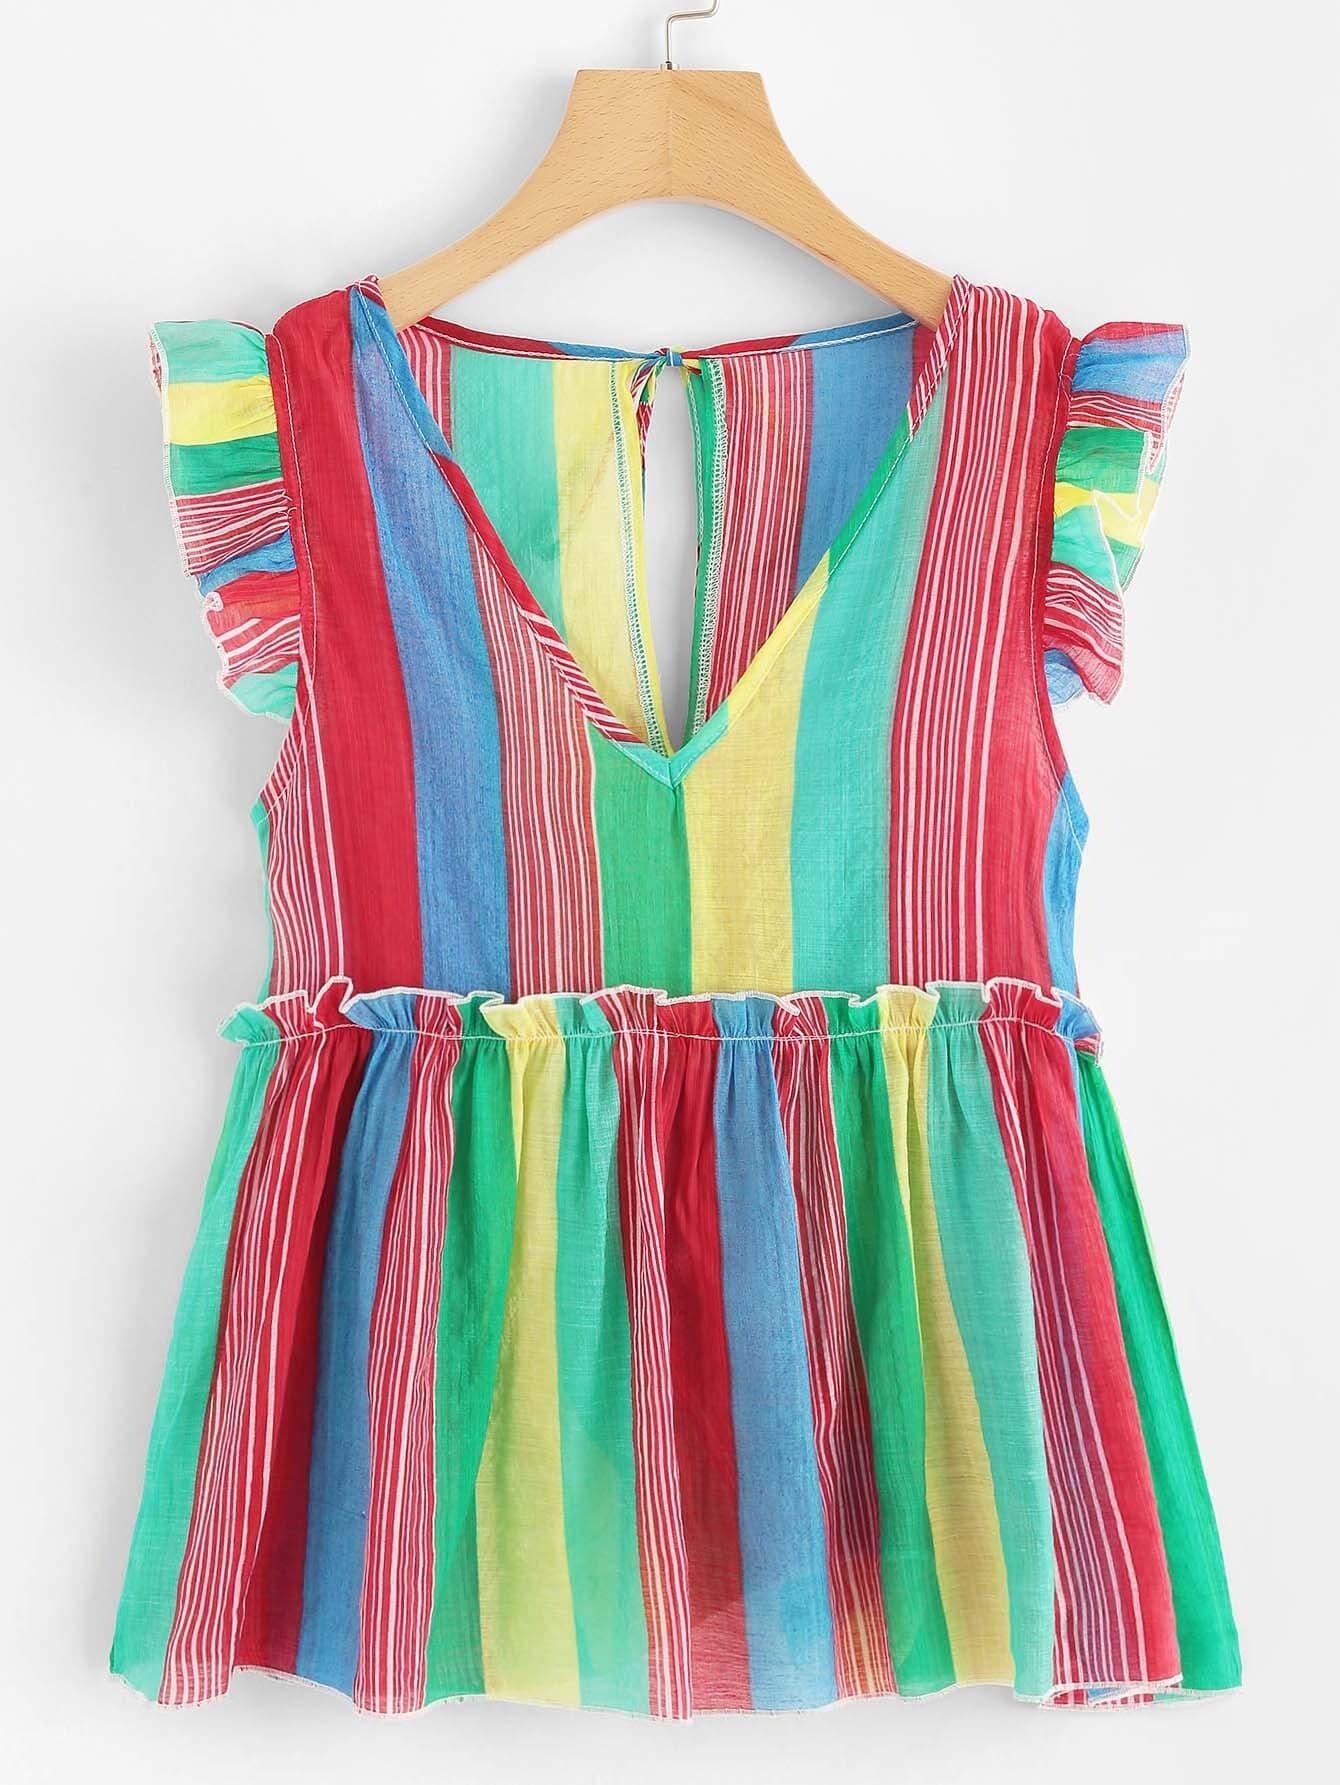 V Neckline Frill Trim Striped Top v neckline frill trim striped top